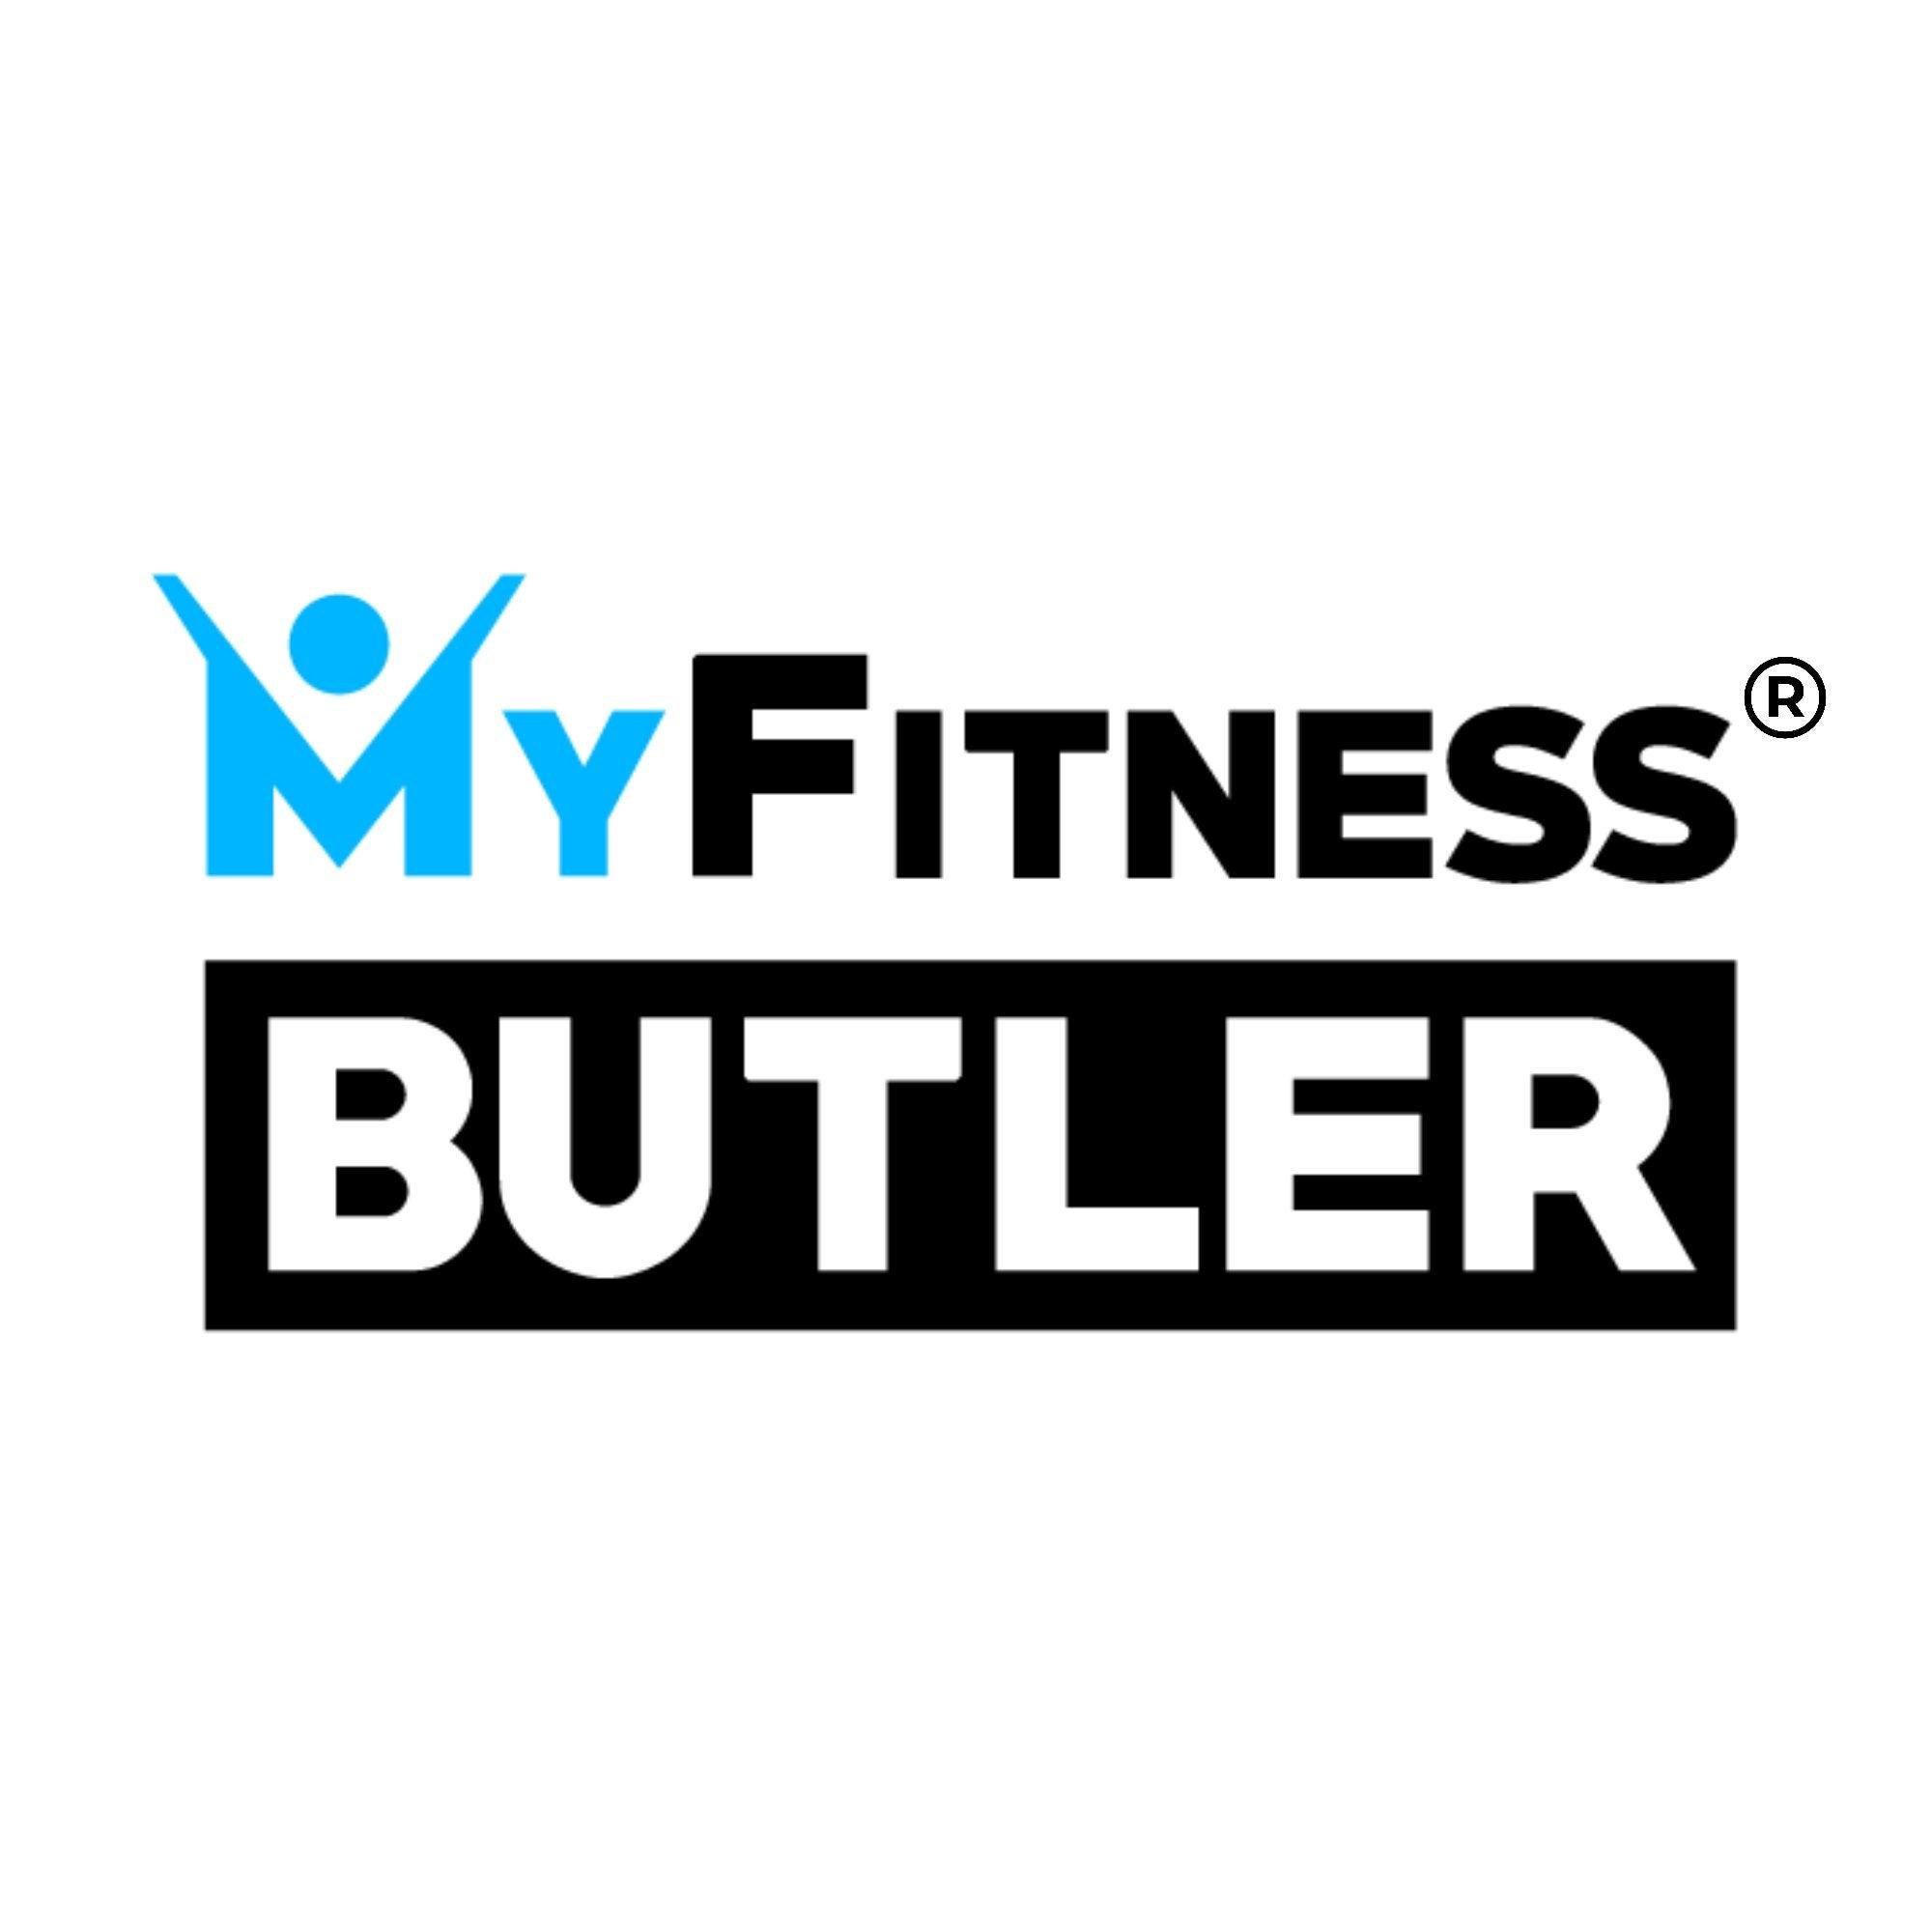 MyFitness Butler